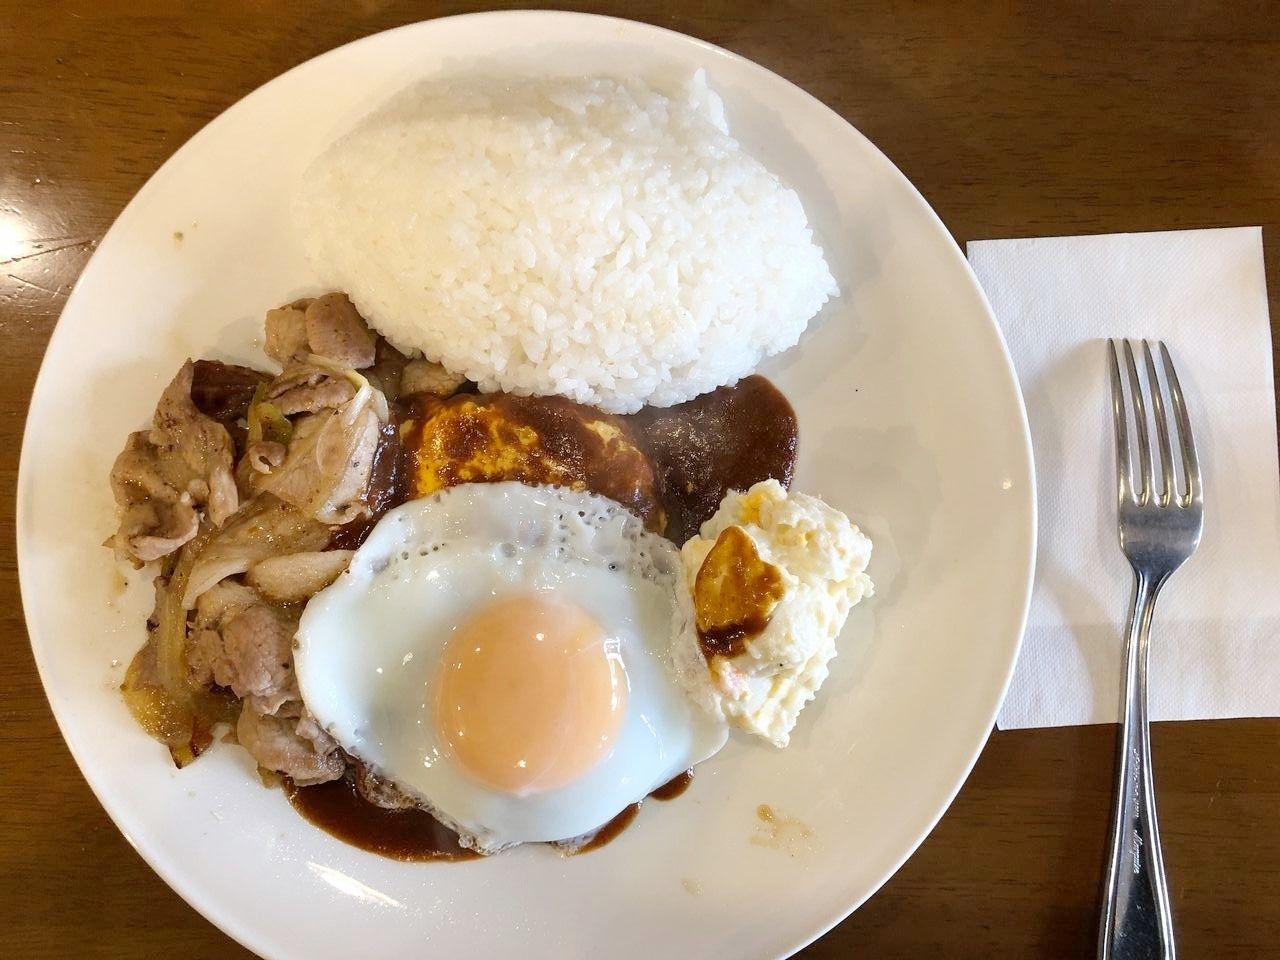 三鷹のボリュームランチの洋食屋「グラナダ」